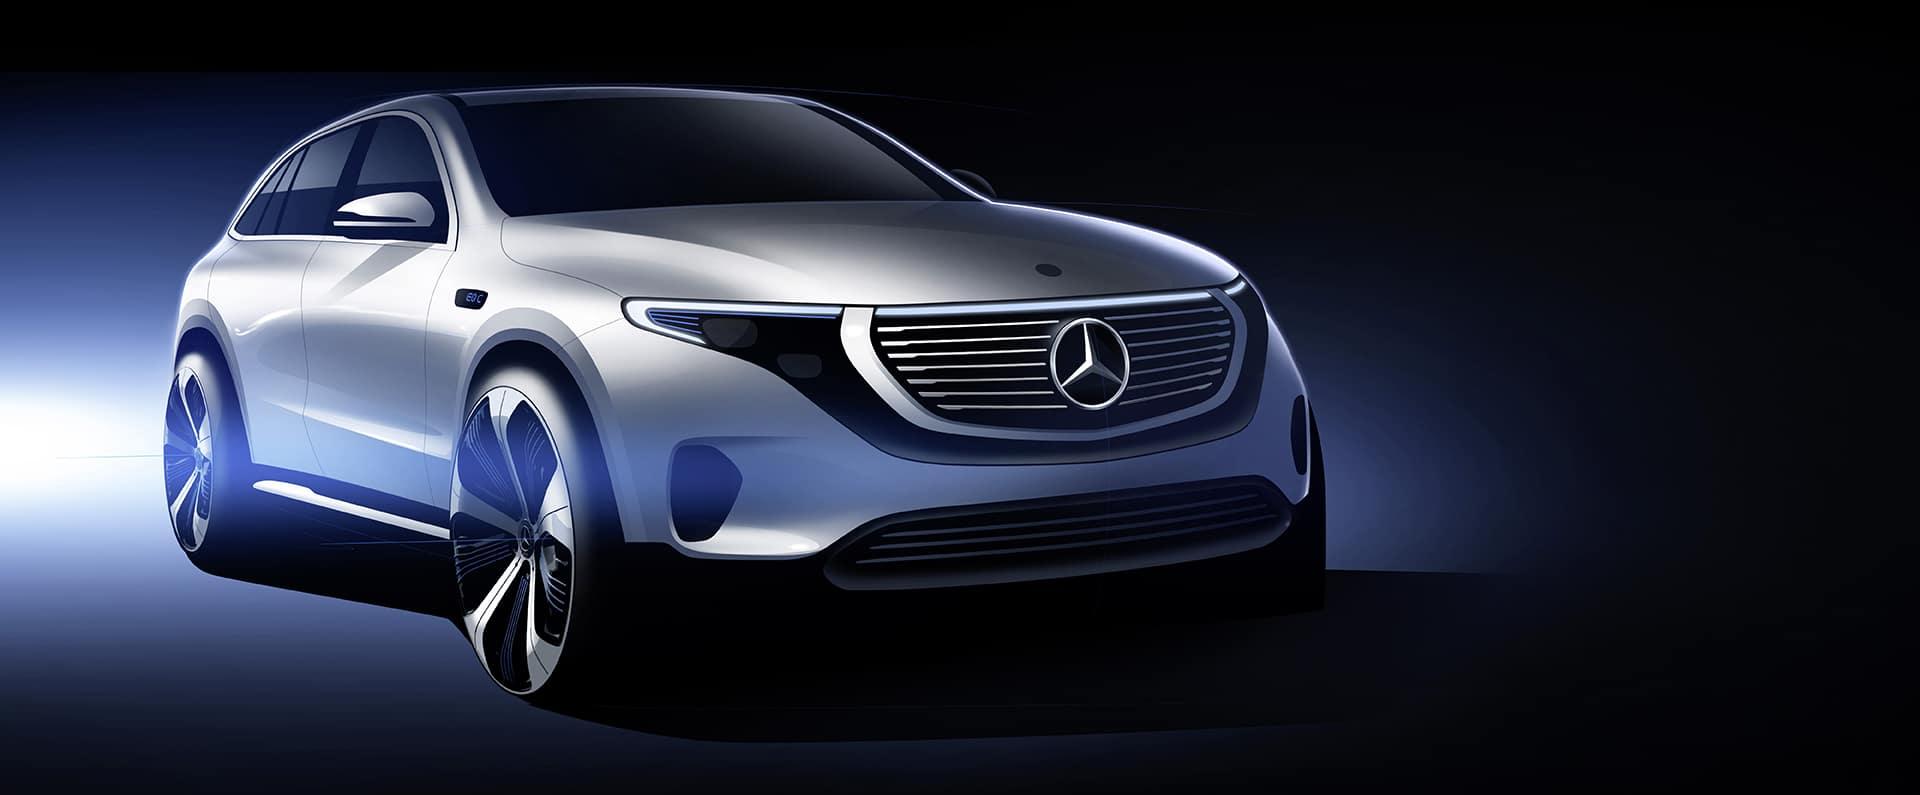 The New Mercedes Benz EQC